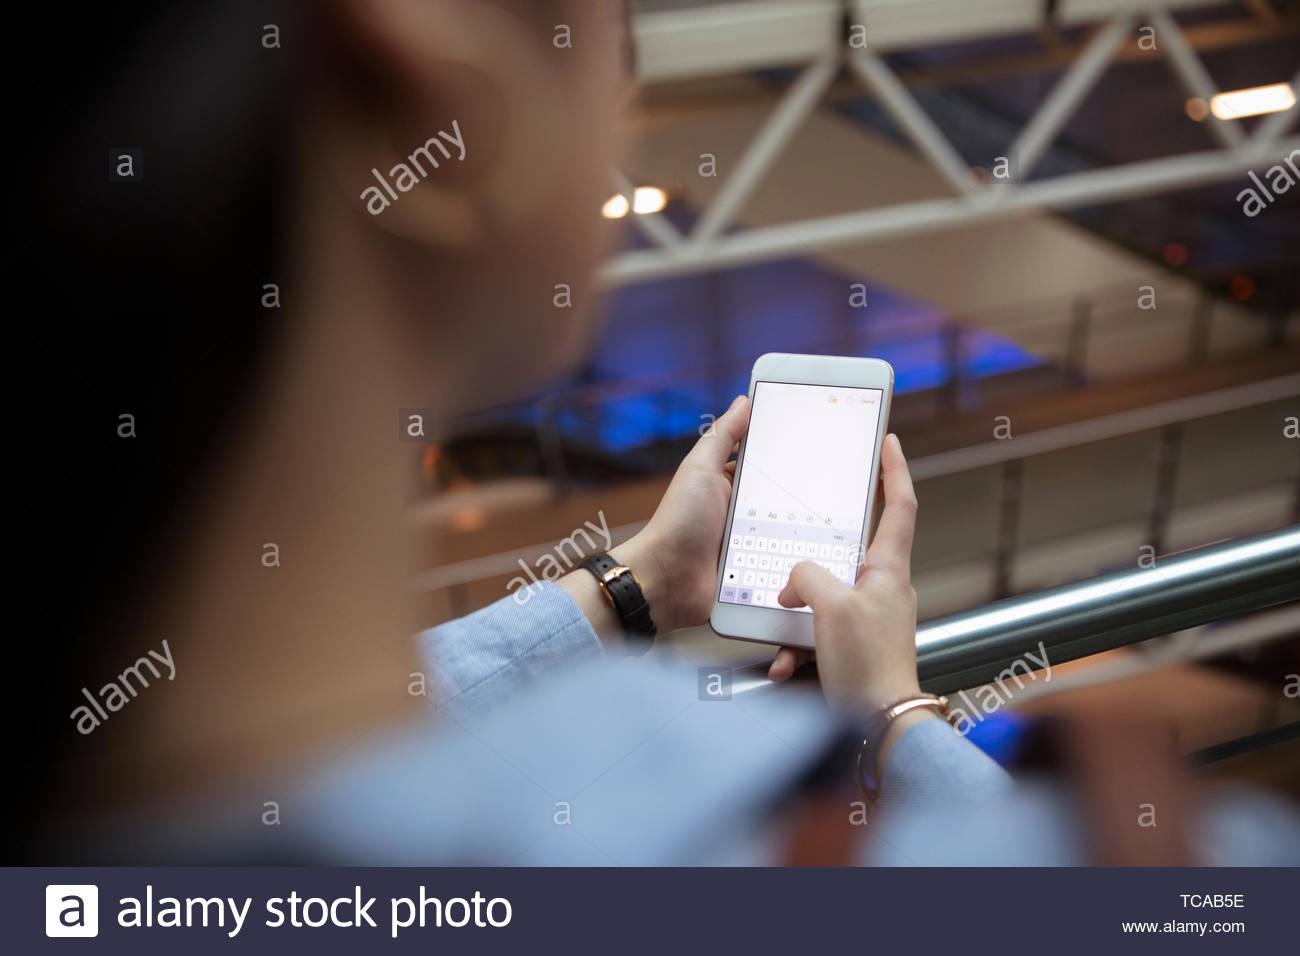 La empresaria utilizando teléfonos inteligentes. Imagen De Stock